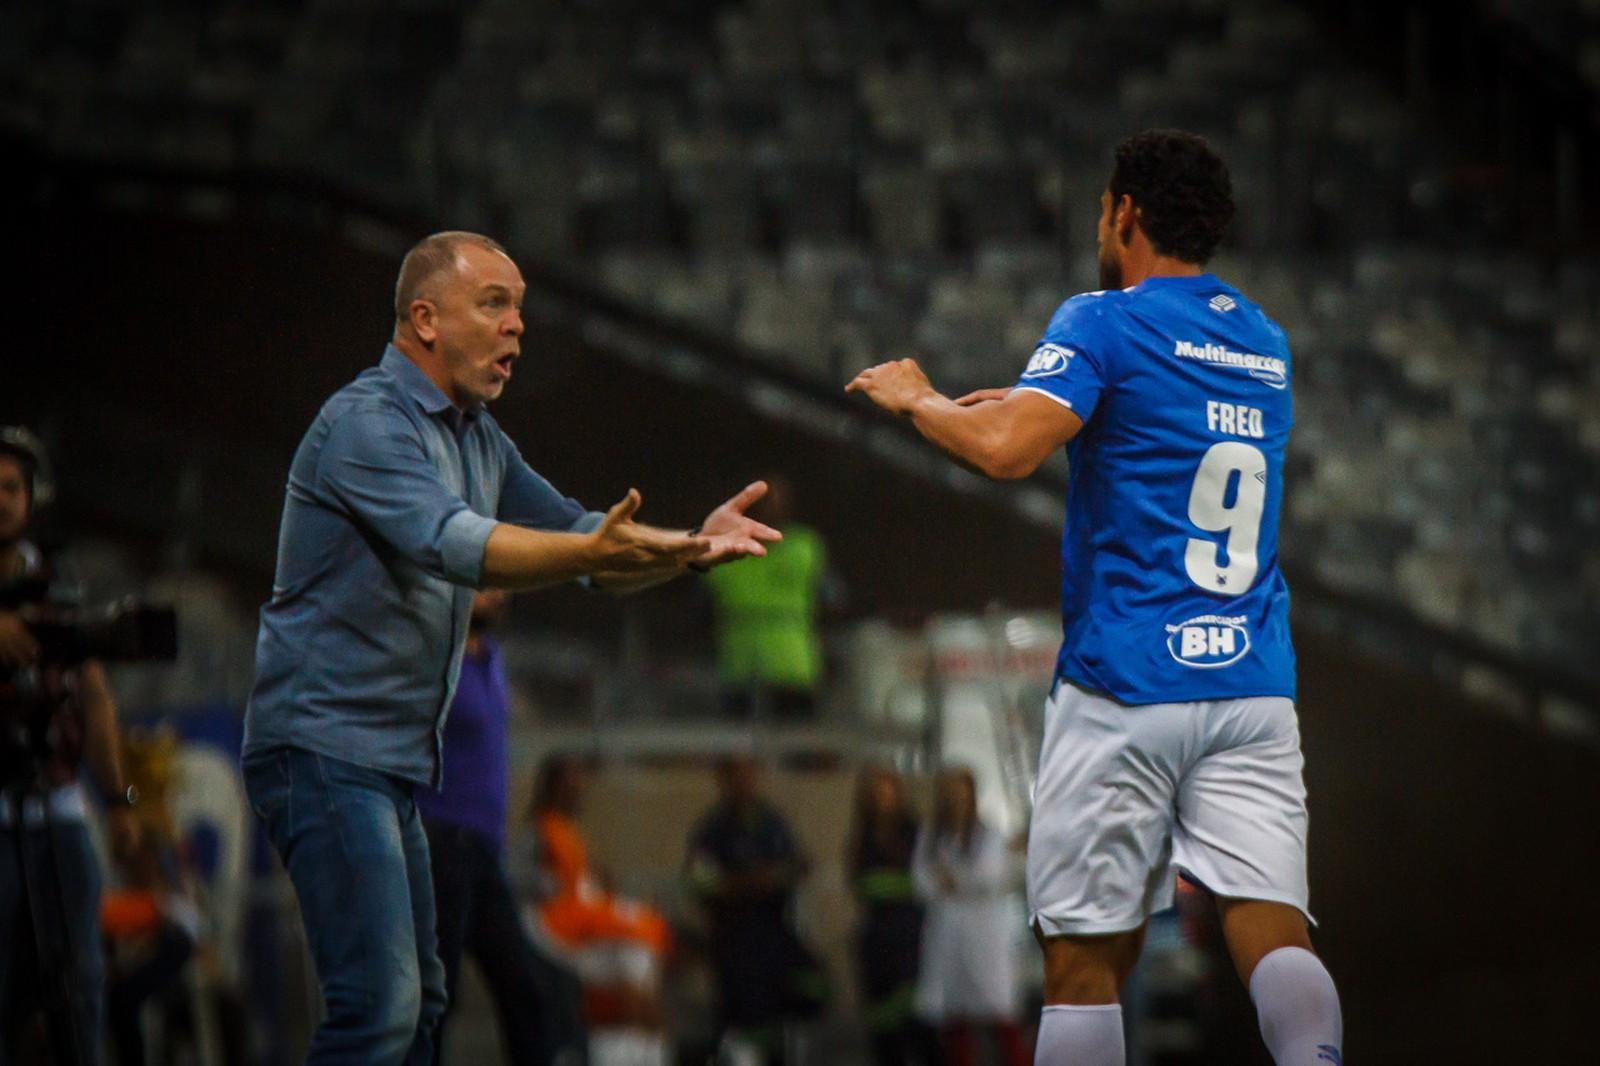 Após goleada, Mano diz que ama o Cruzeiro